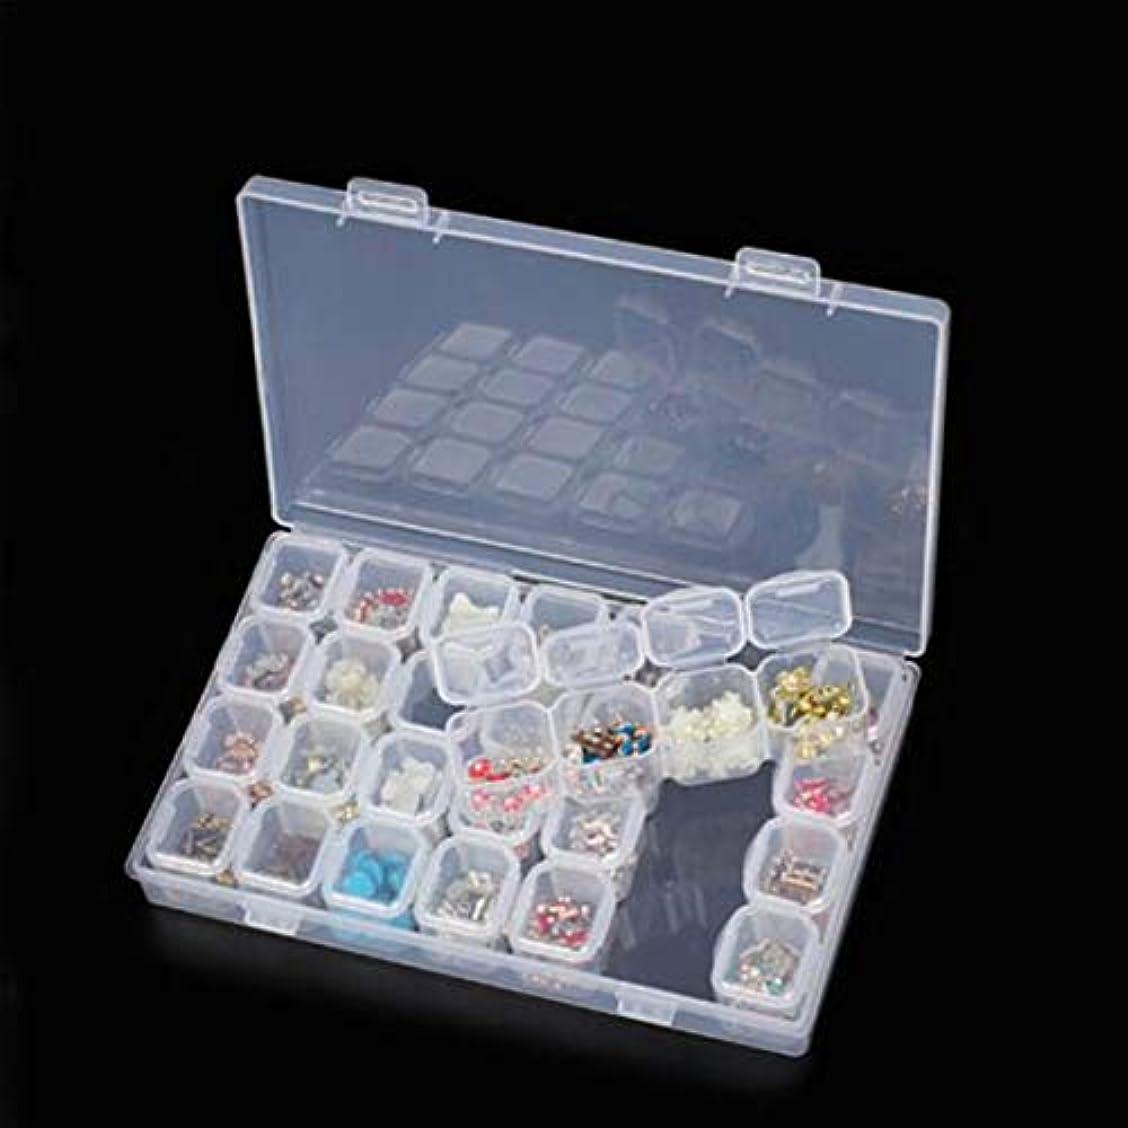 悪性腫瘍同意容赦ない28スロットプラスチック収納ボックスボックスダイヤモンド塗装キットネールアートラインツールズ収納収納ボックスケースオーガナイザーホルダー